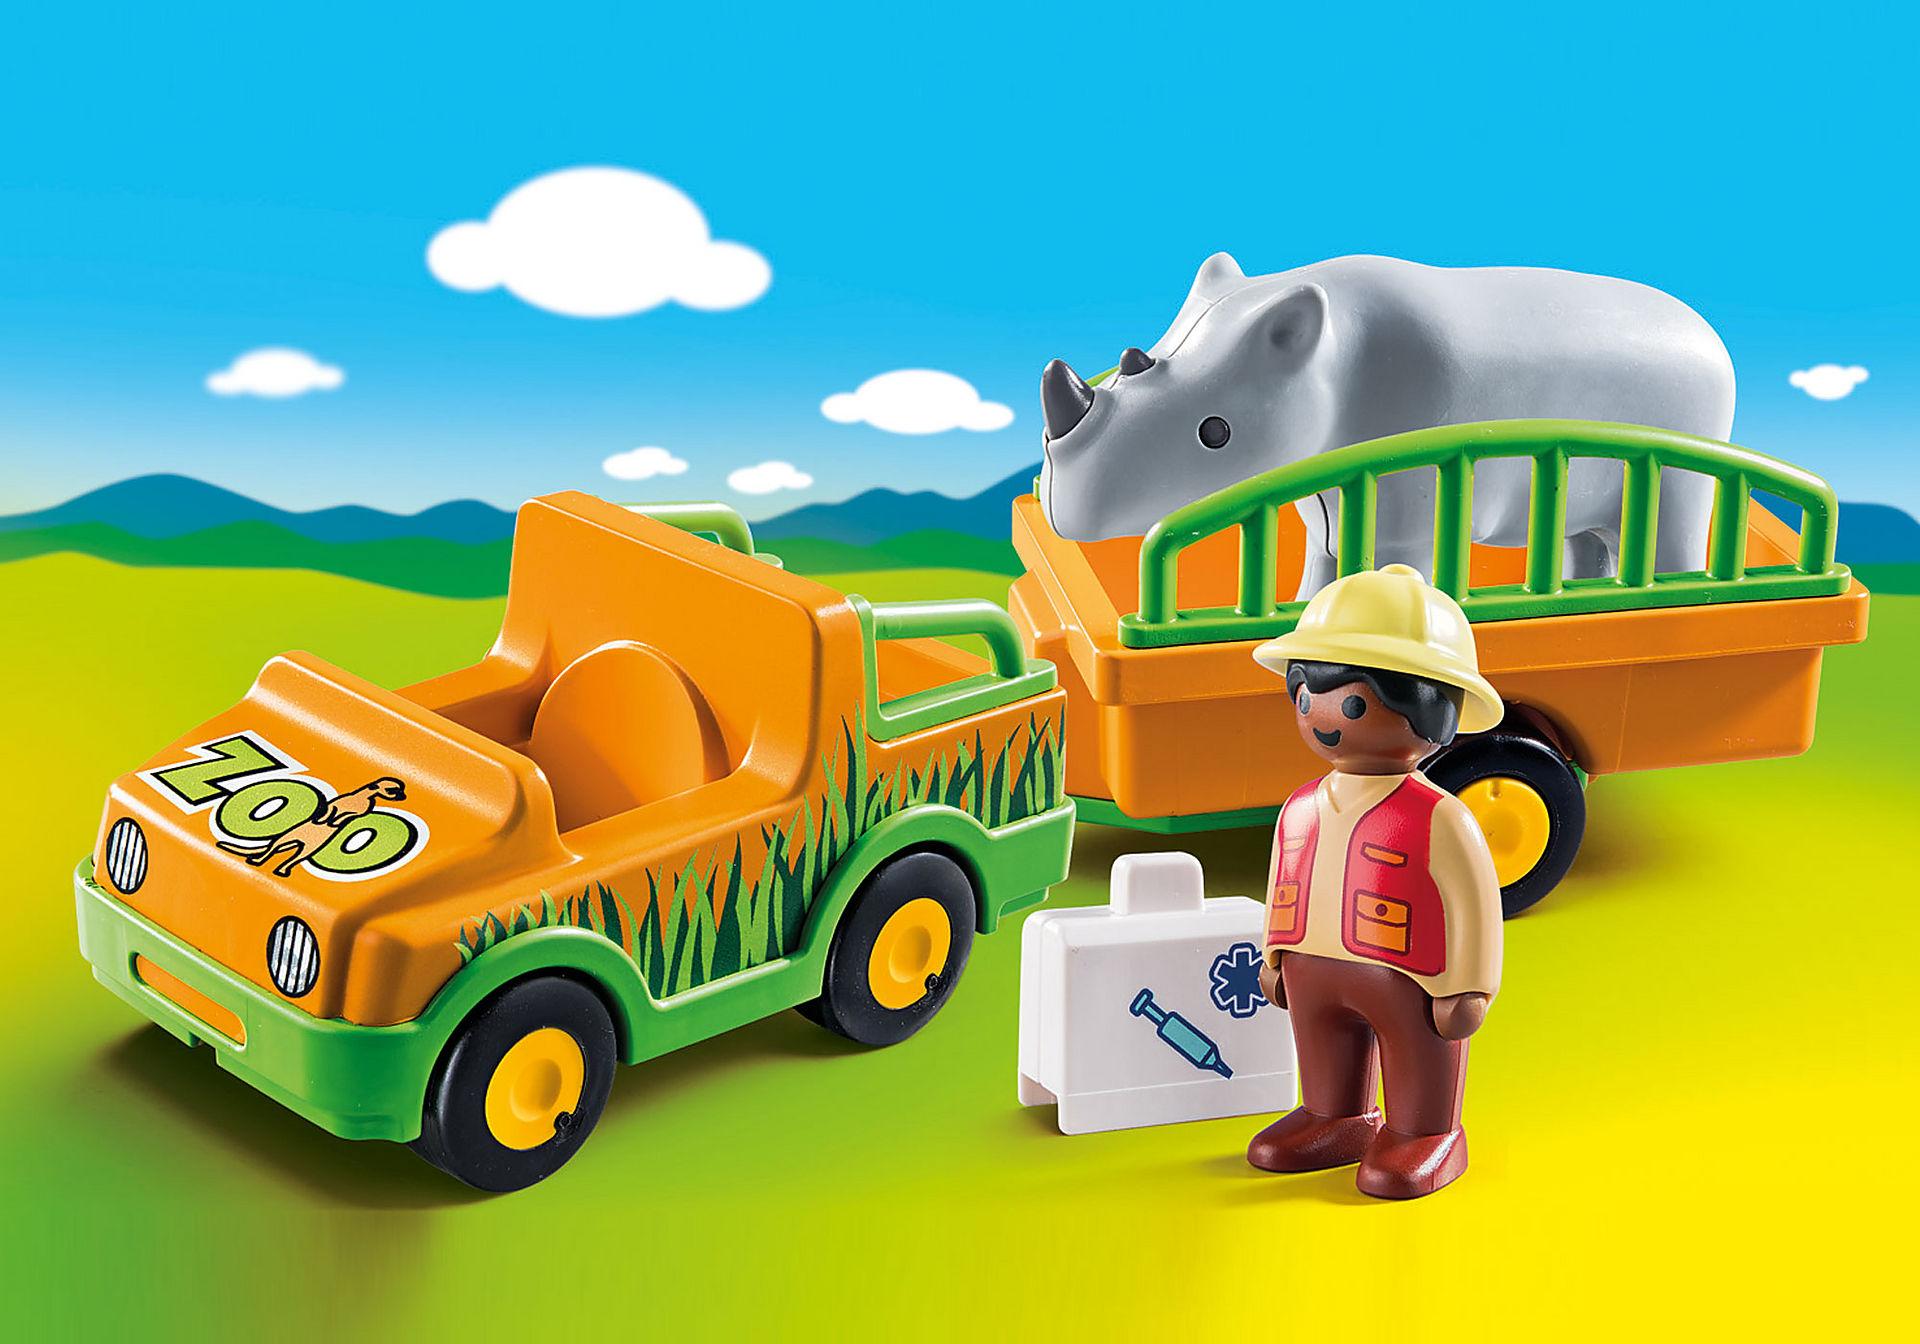 70182 Όχημα ζωολογικού κήπου με ρινόκερο zoom image1